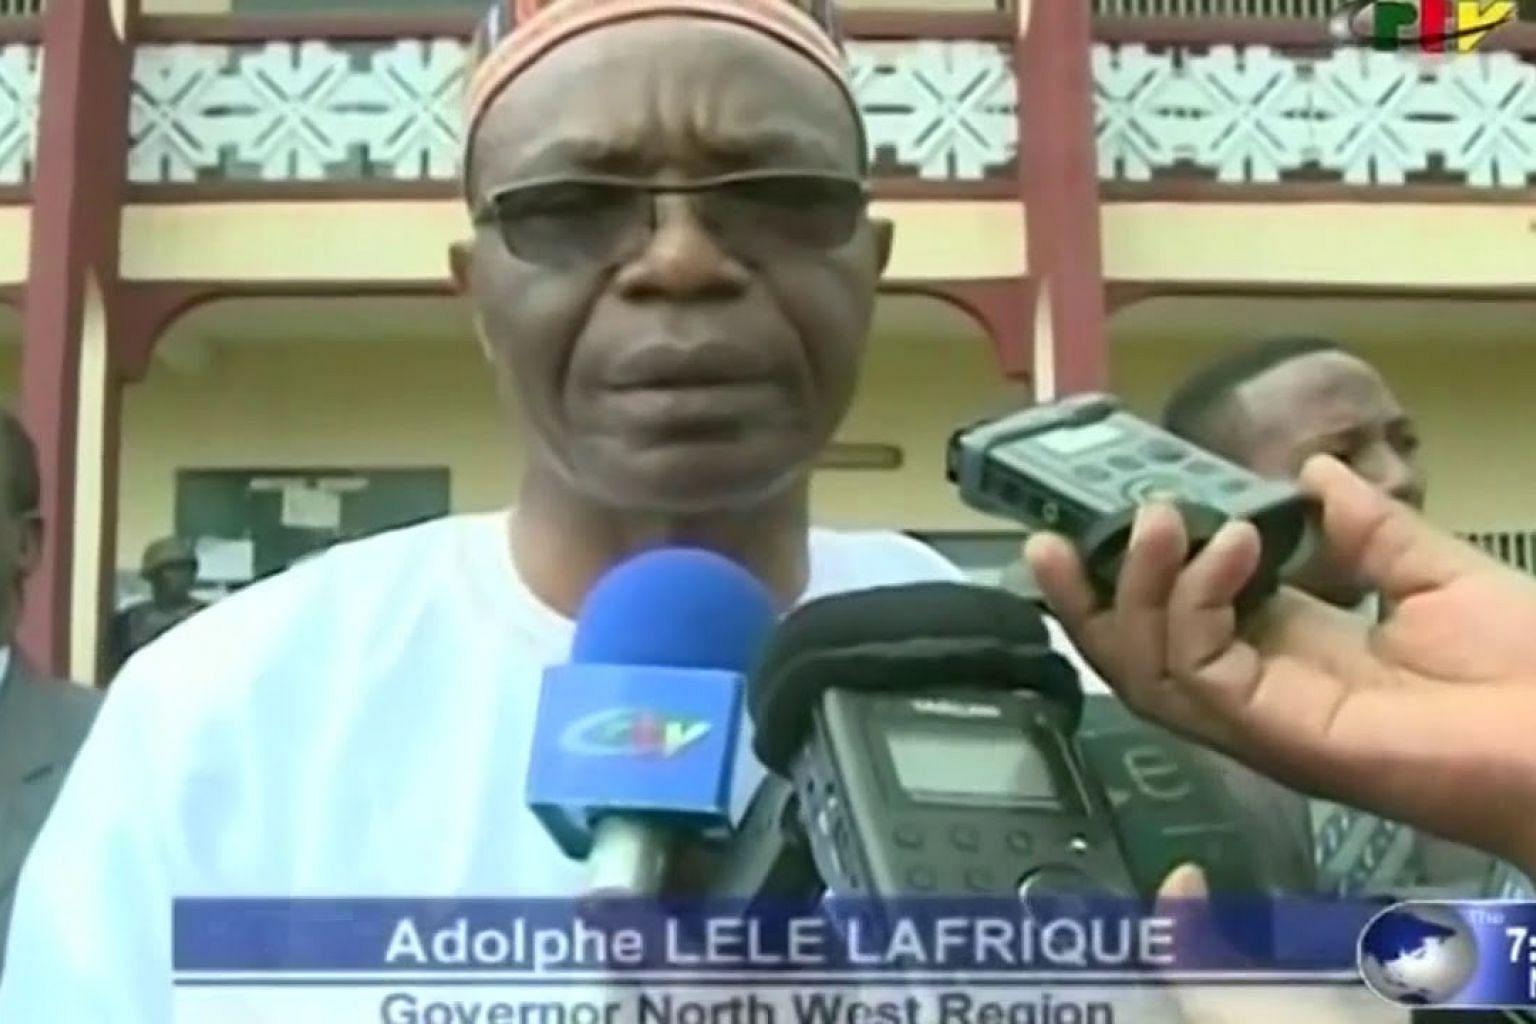 Armed men kidnap 79 children in Cameroon